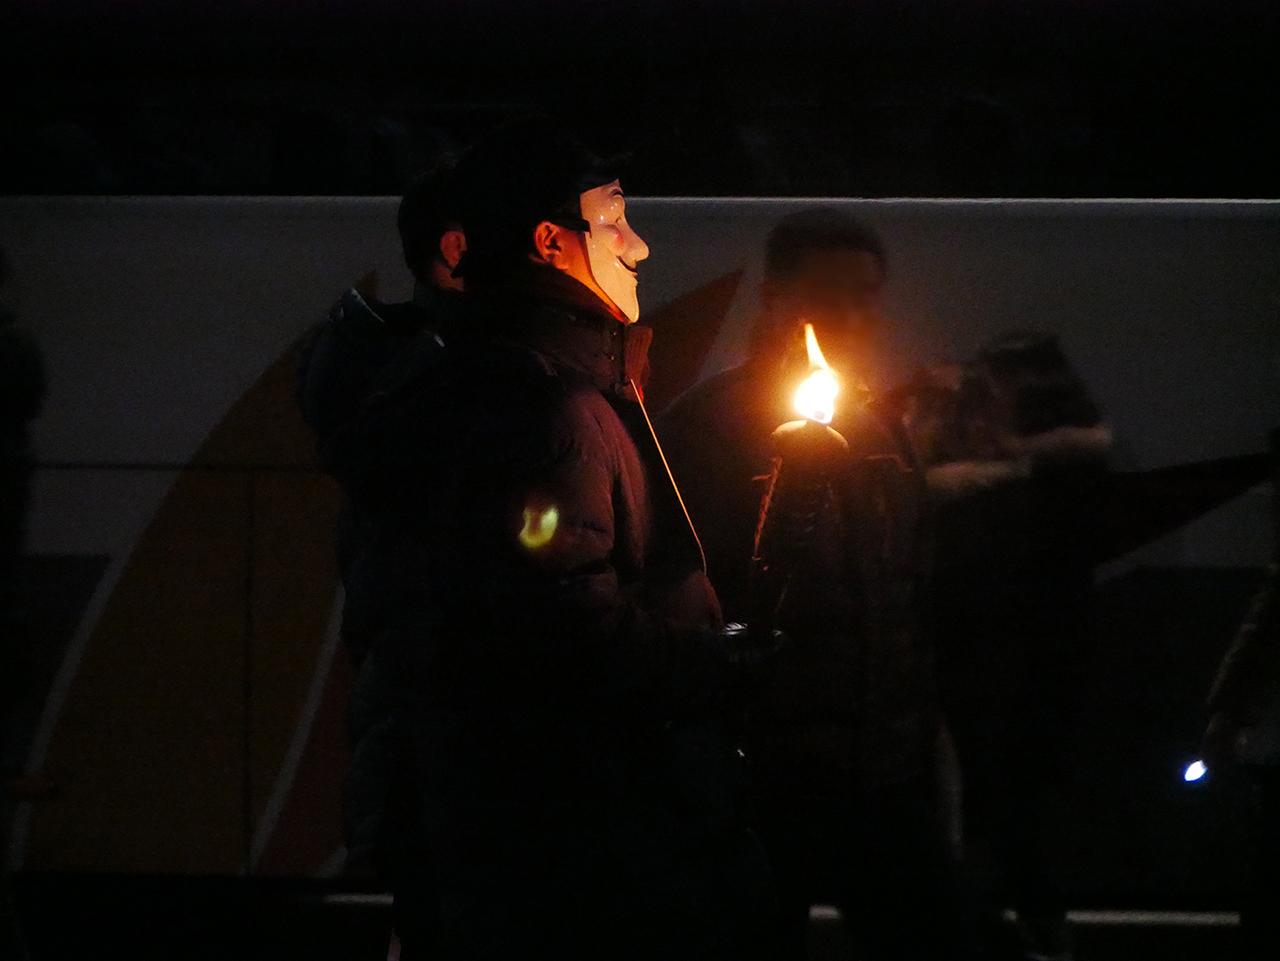 광화문에 나타난 가이포크스 한 시민이 가이포크스 가면을 쓰고 시위를 하고있다